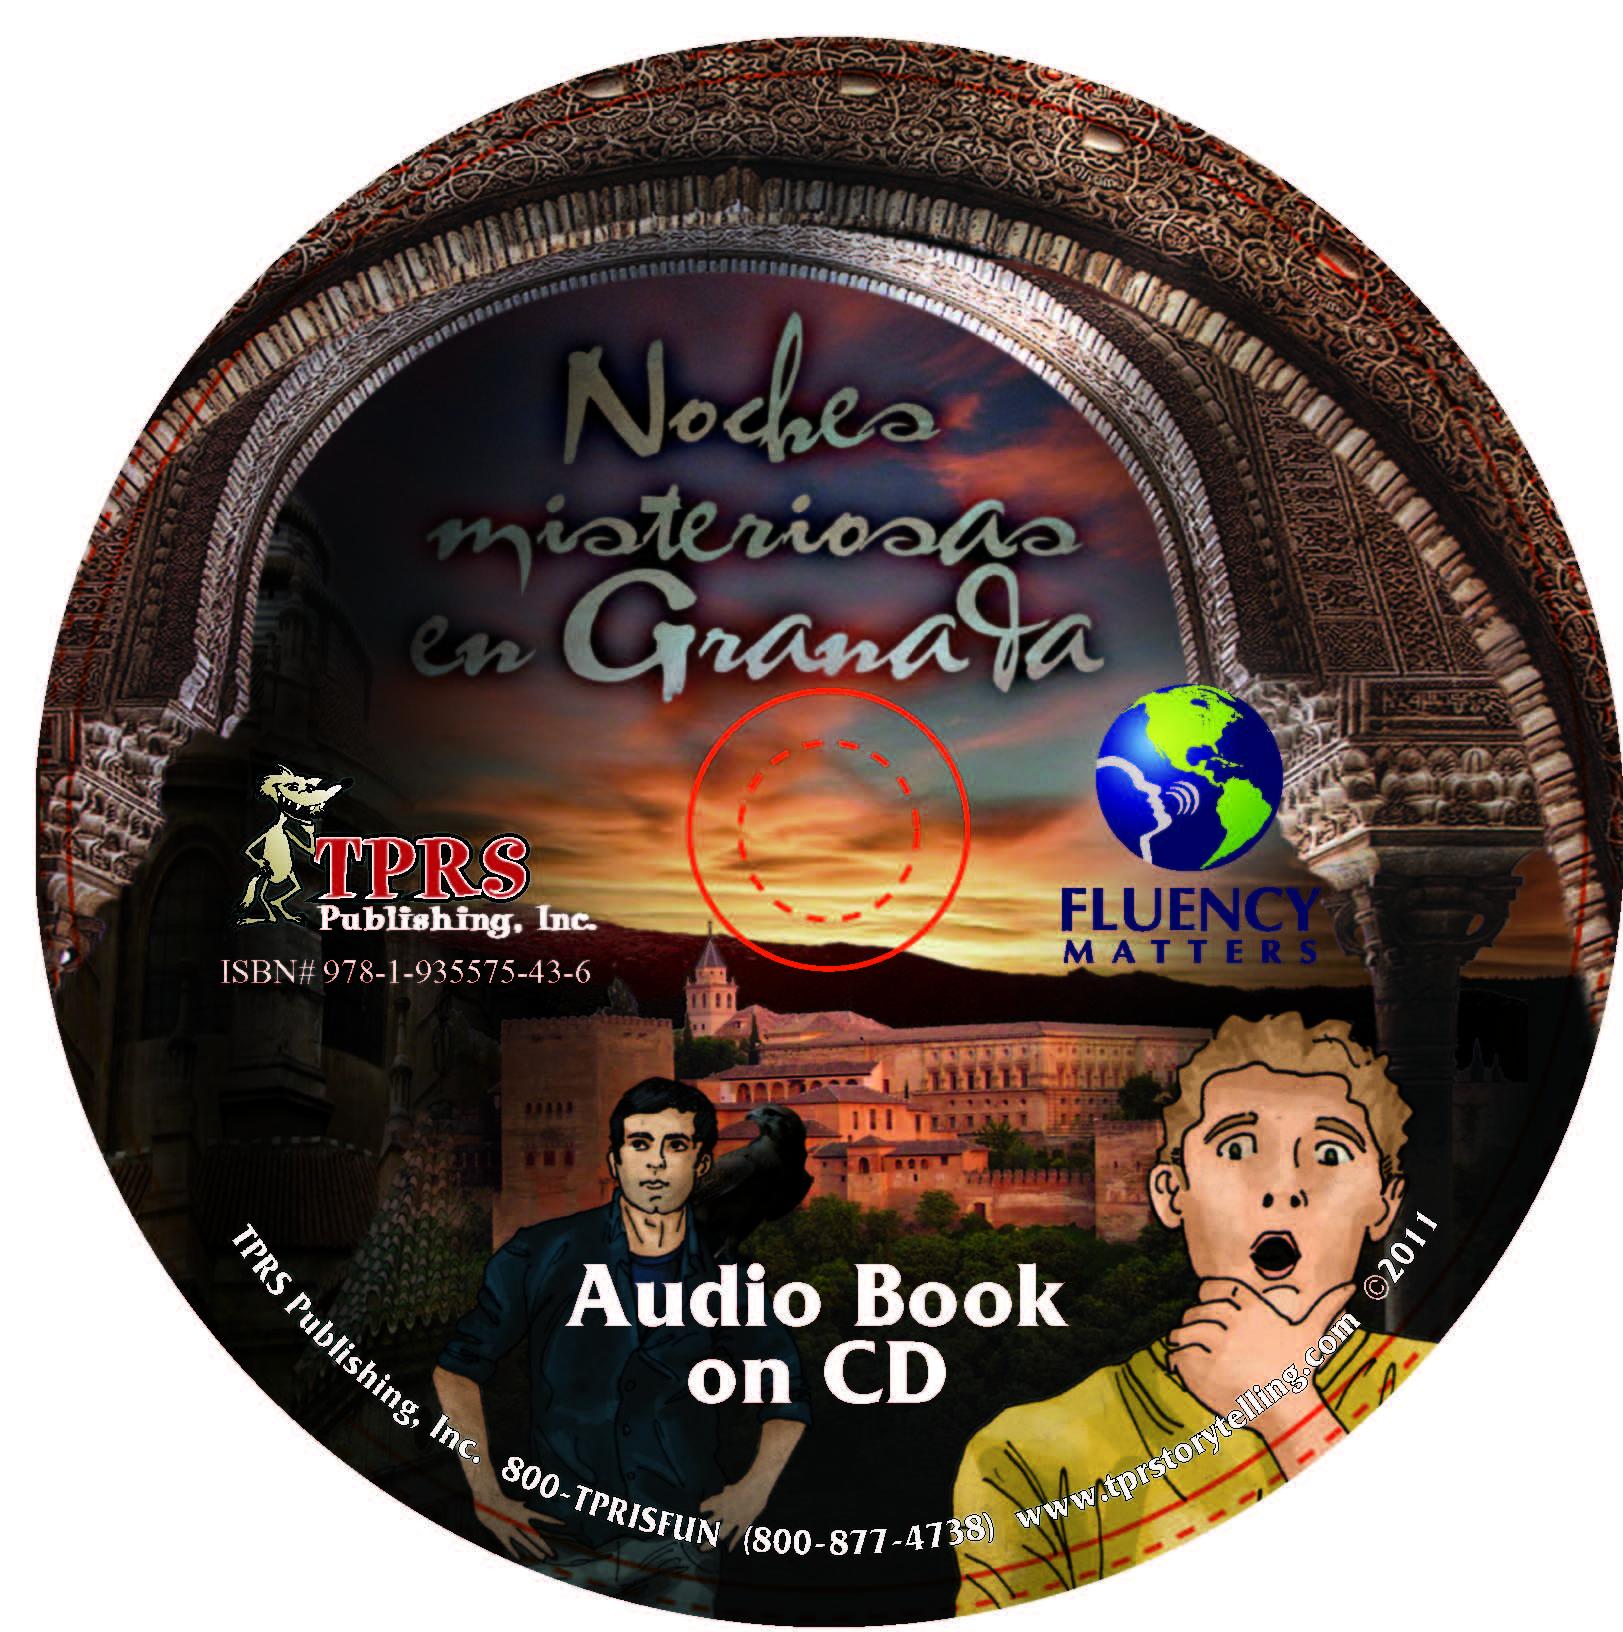 Noches misteriosas en Granada – Audio Book on CD